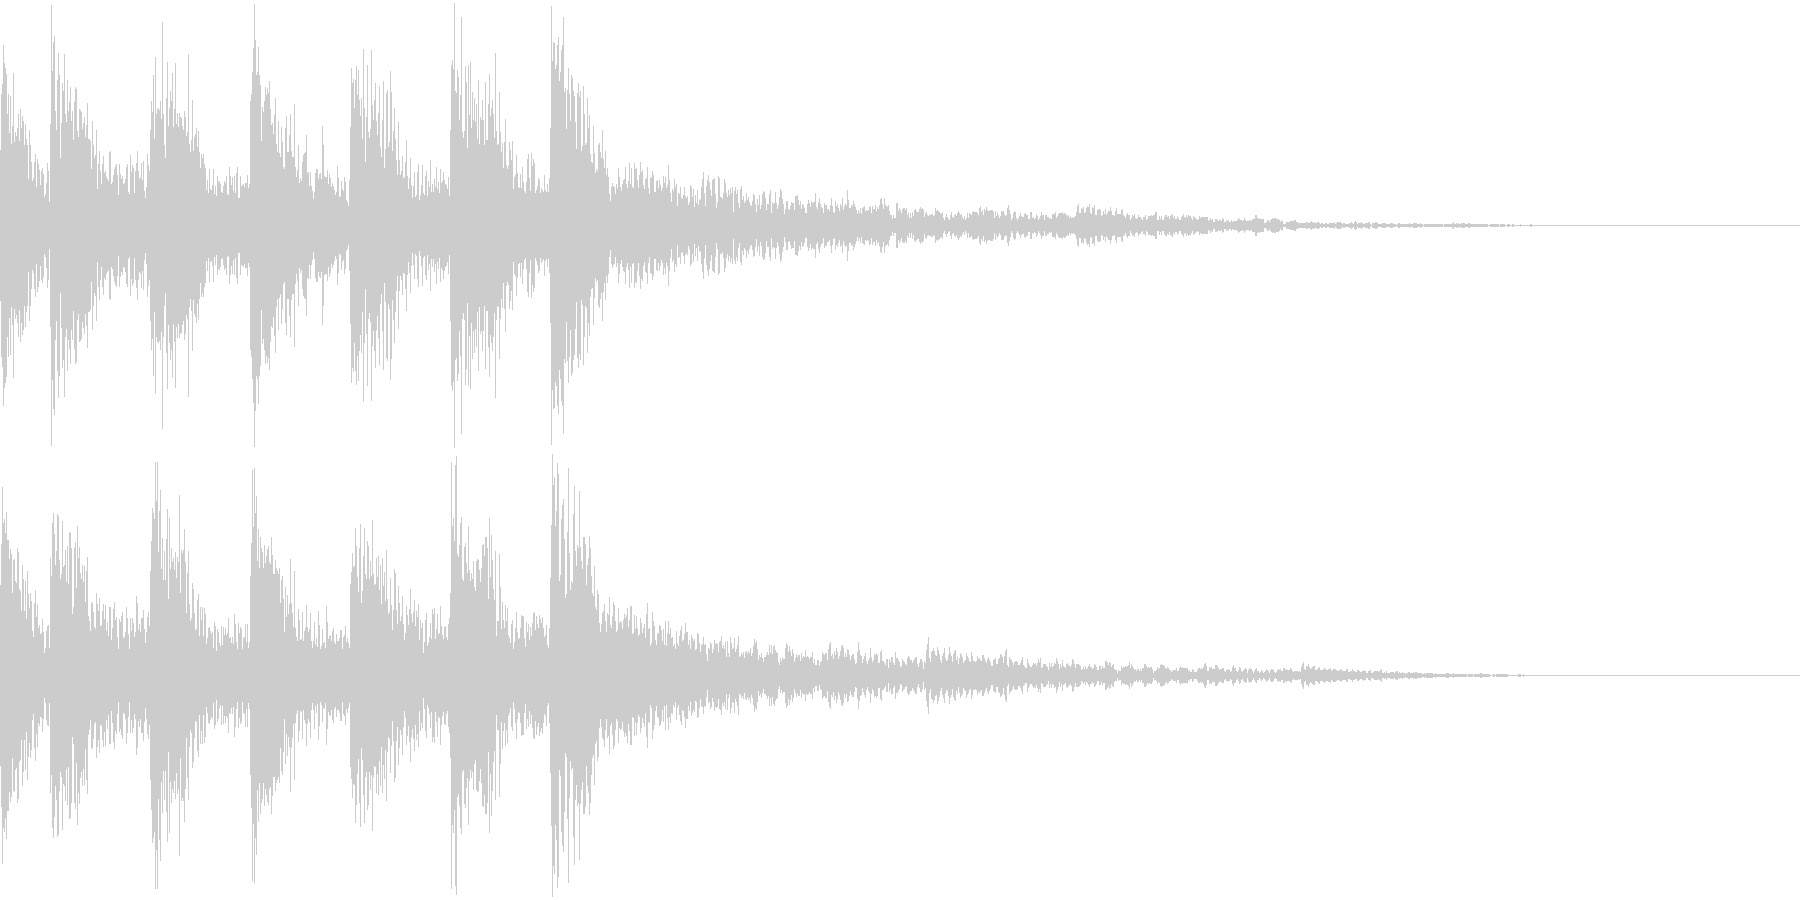 ファンファーレ 公開 フラグ 表示の未再生の波形